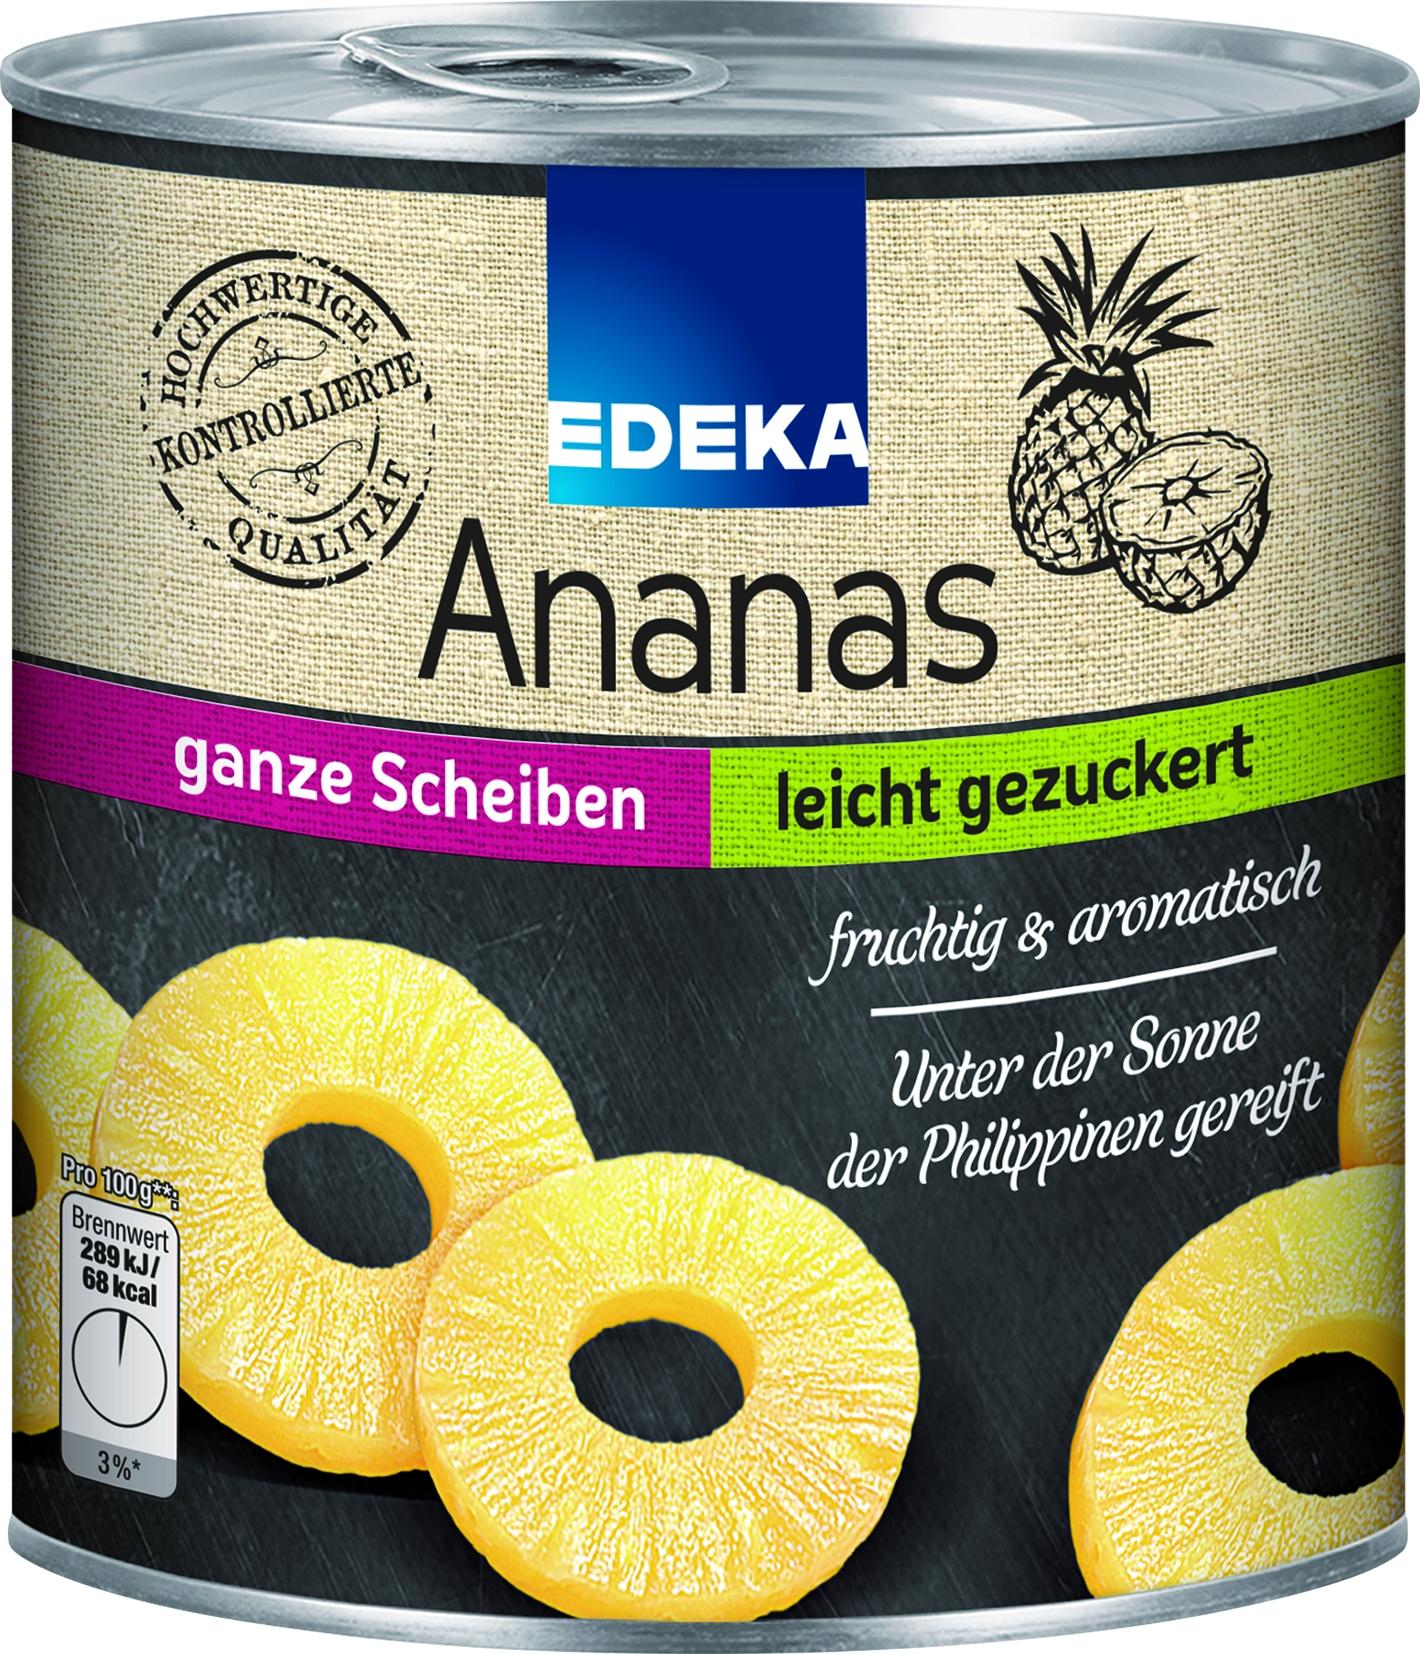 Ananas Scheiben gezuckert